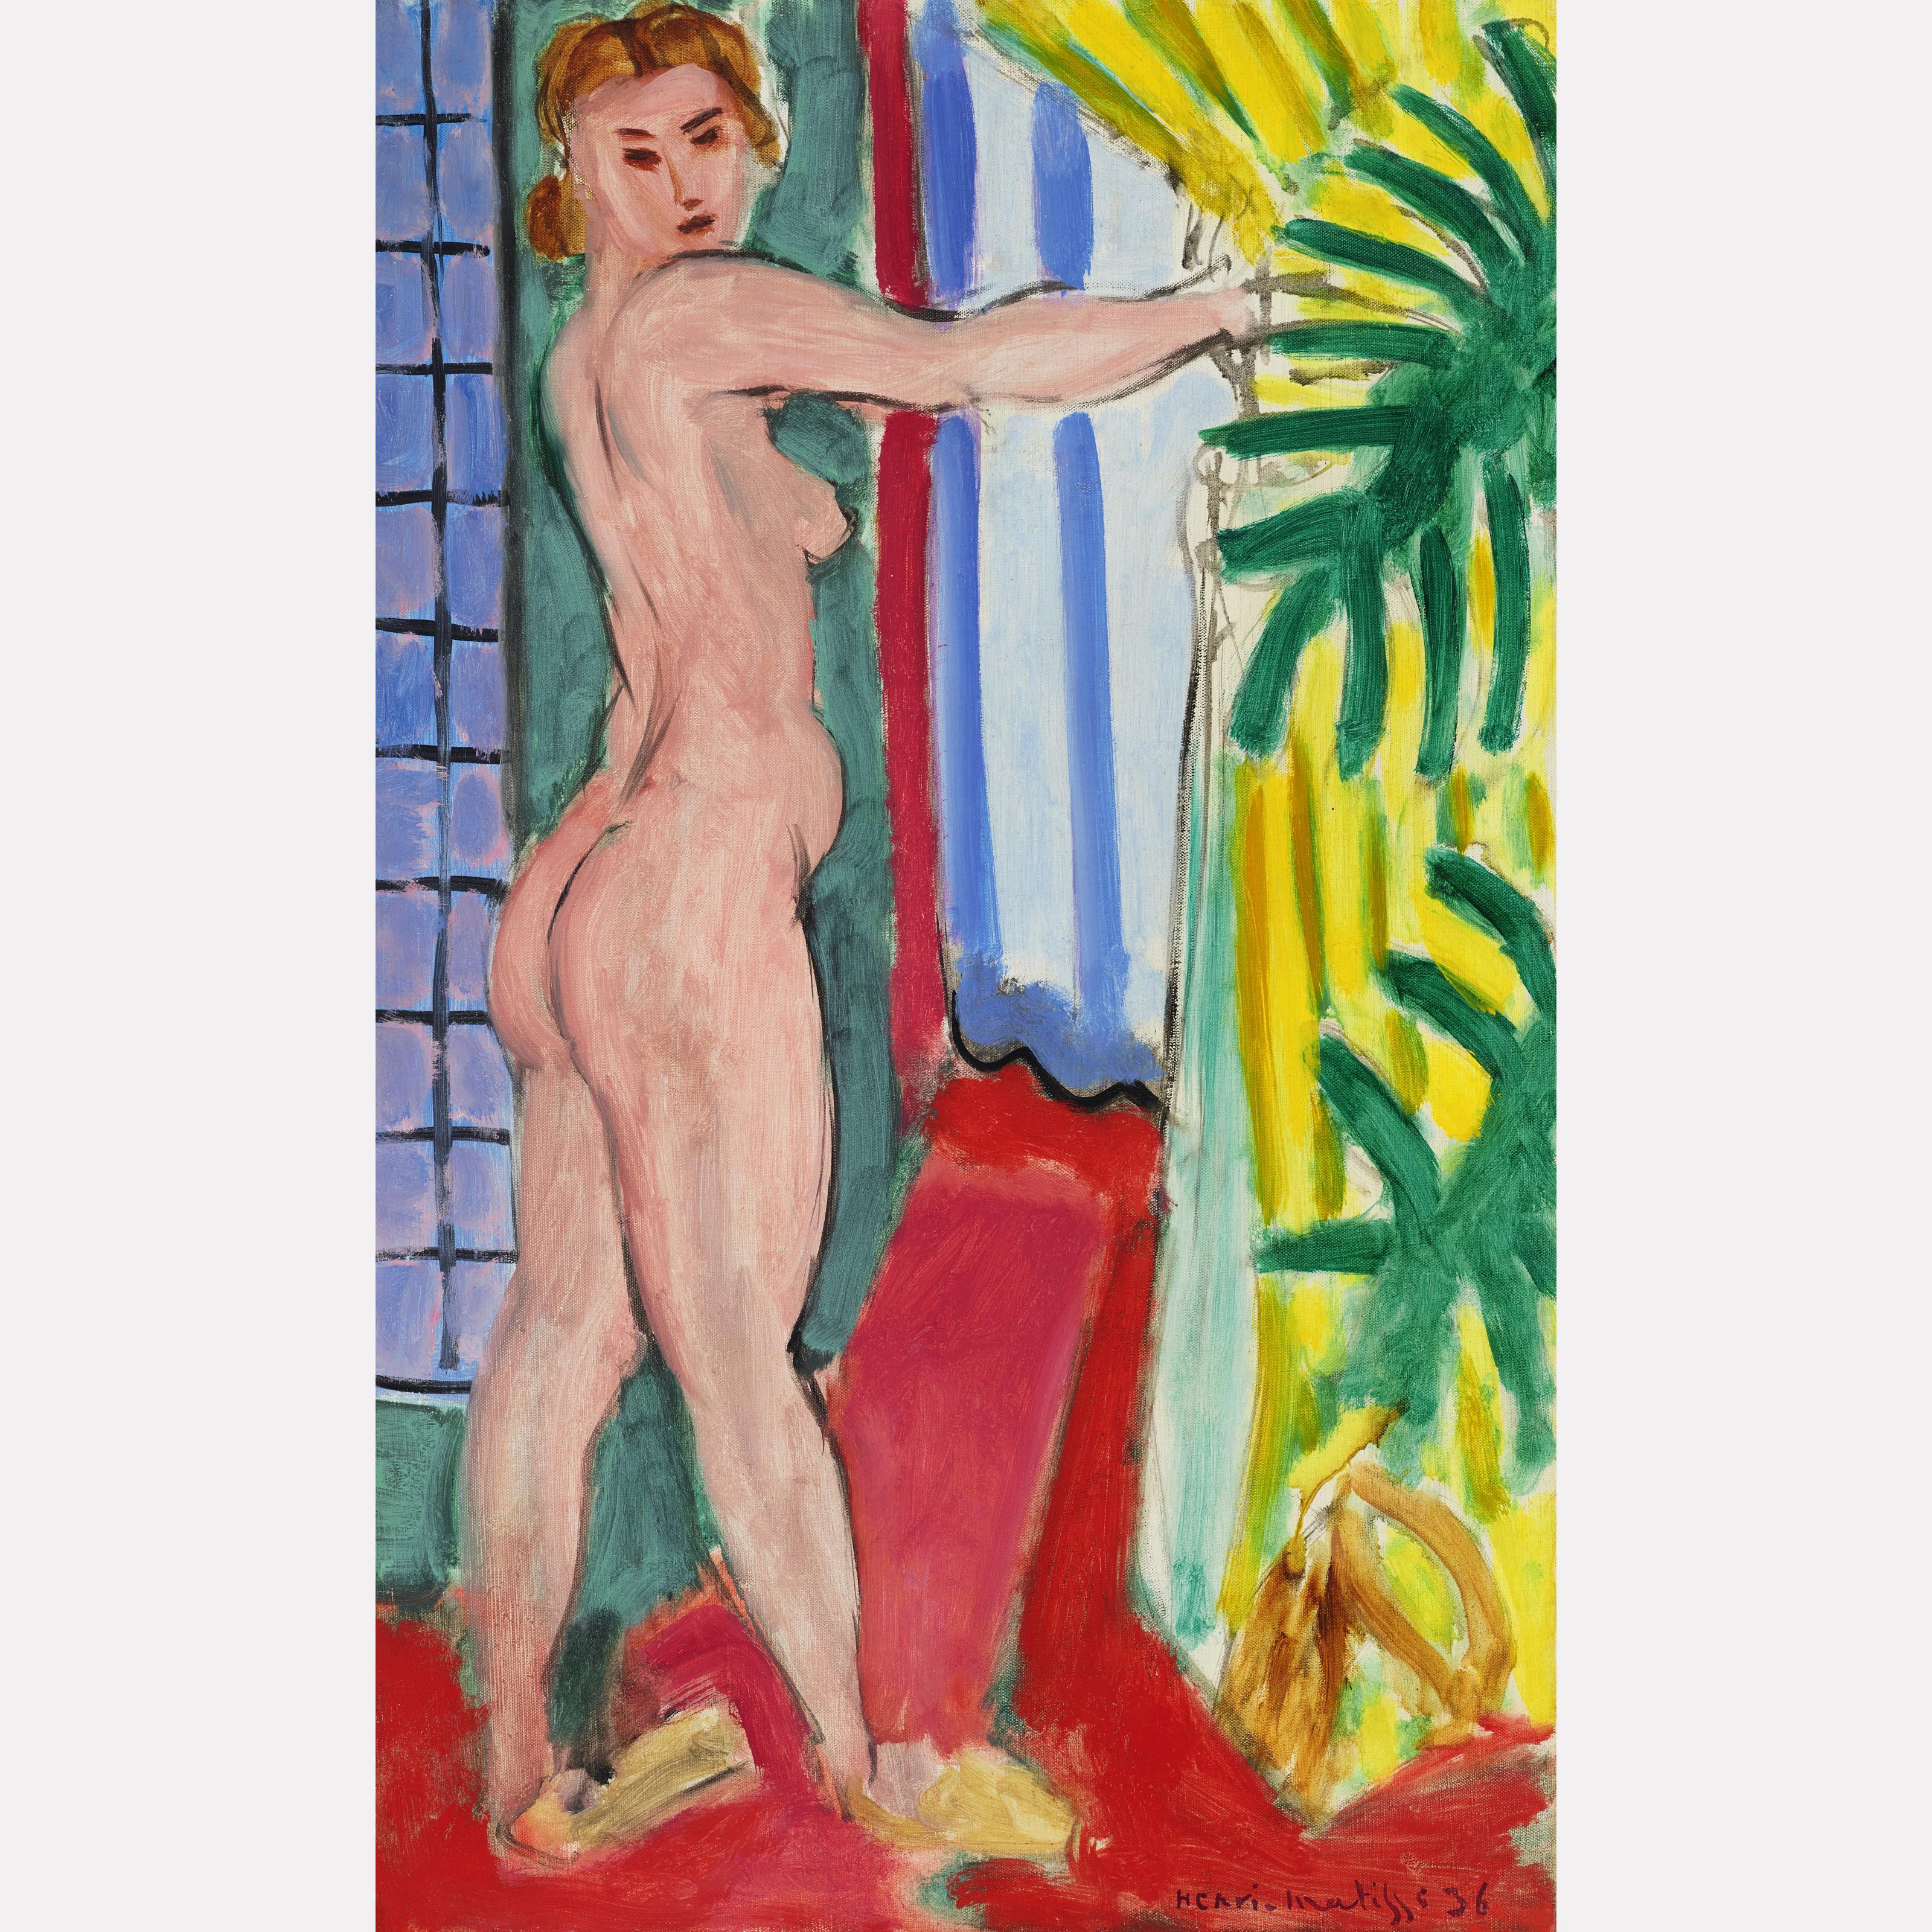 Анри Матисс. Обнаженная перед дверью («Nu debout devant la porte»), 1936